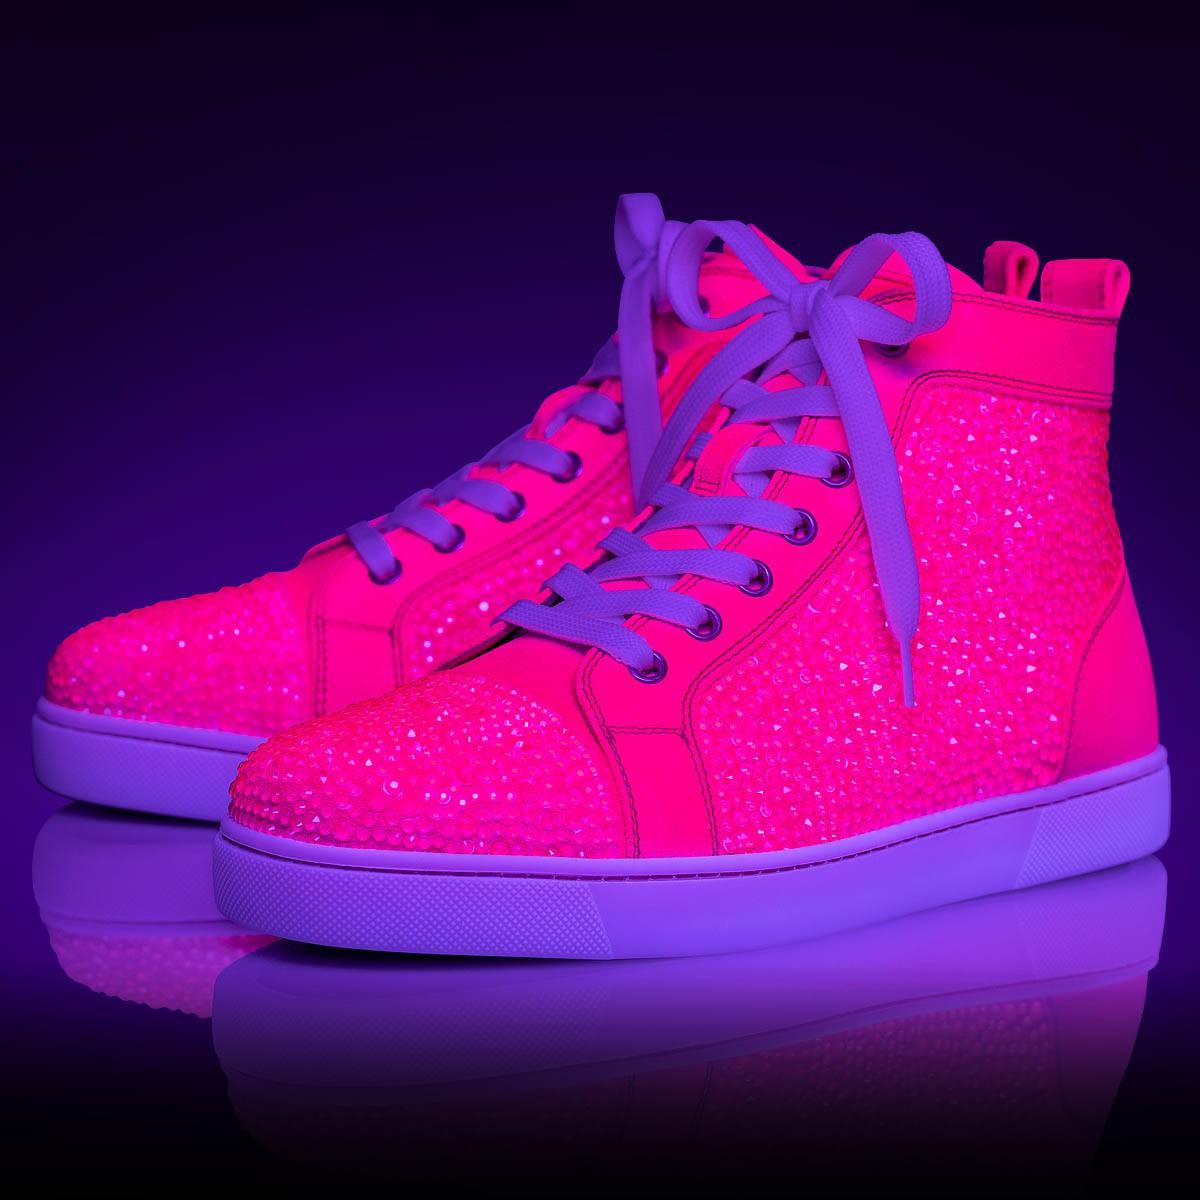 Shoes - Louis Woman - Christian Louboutin